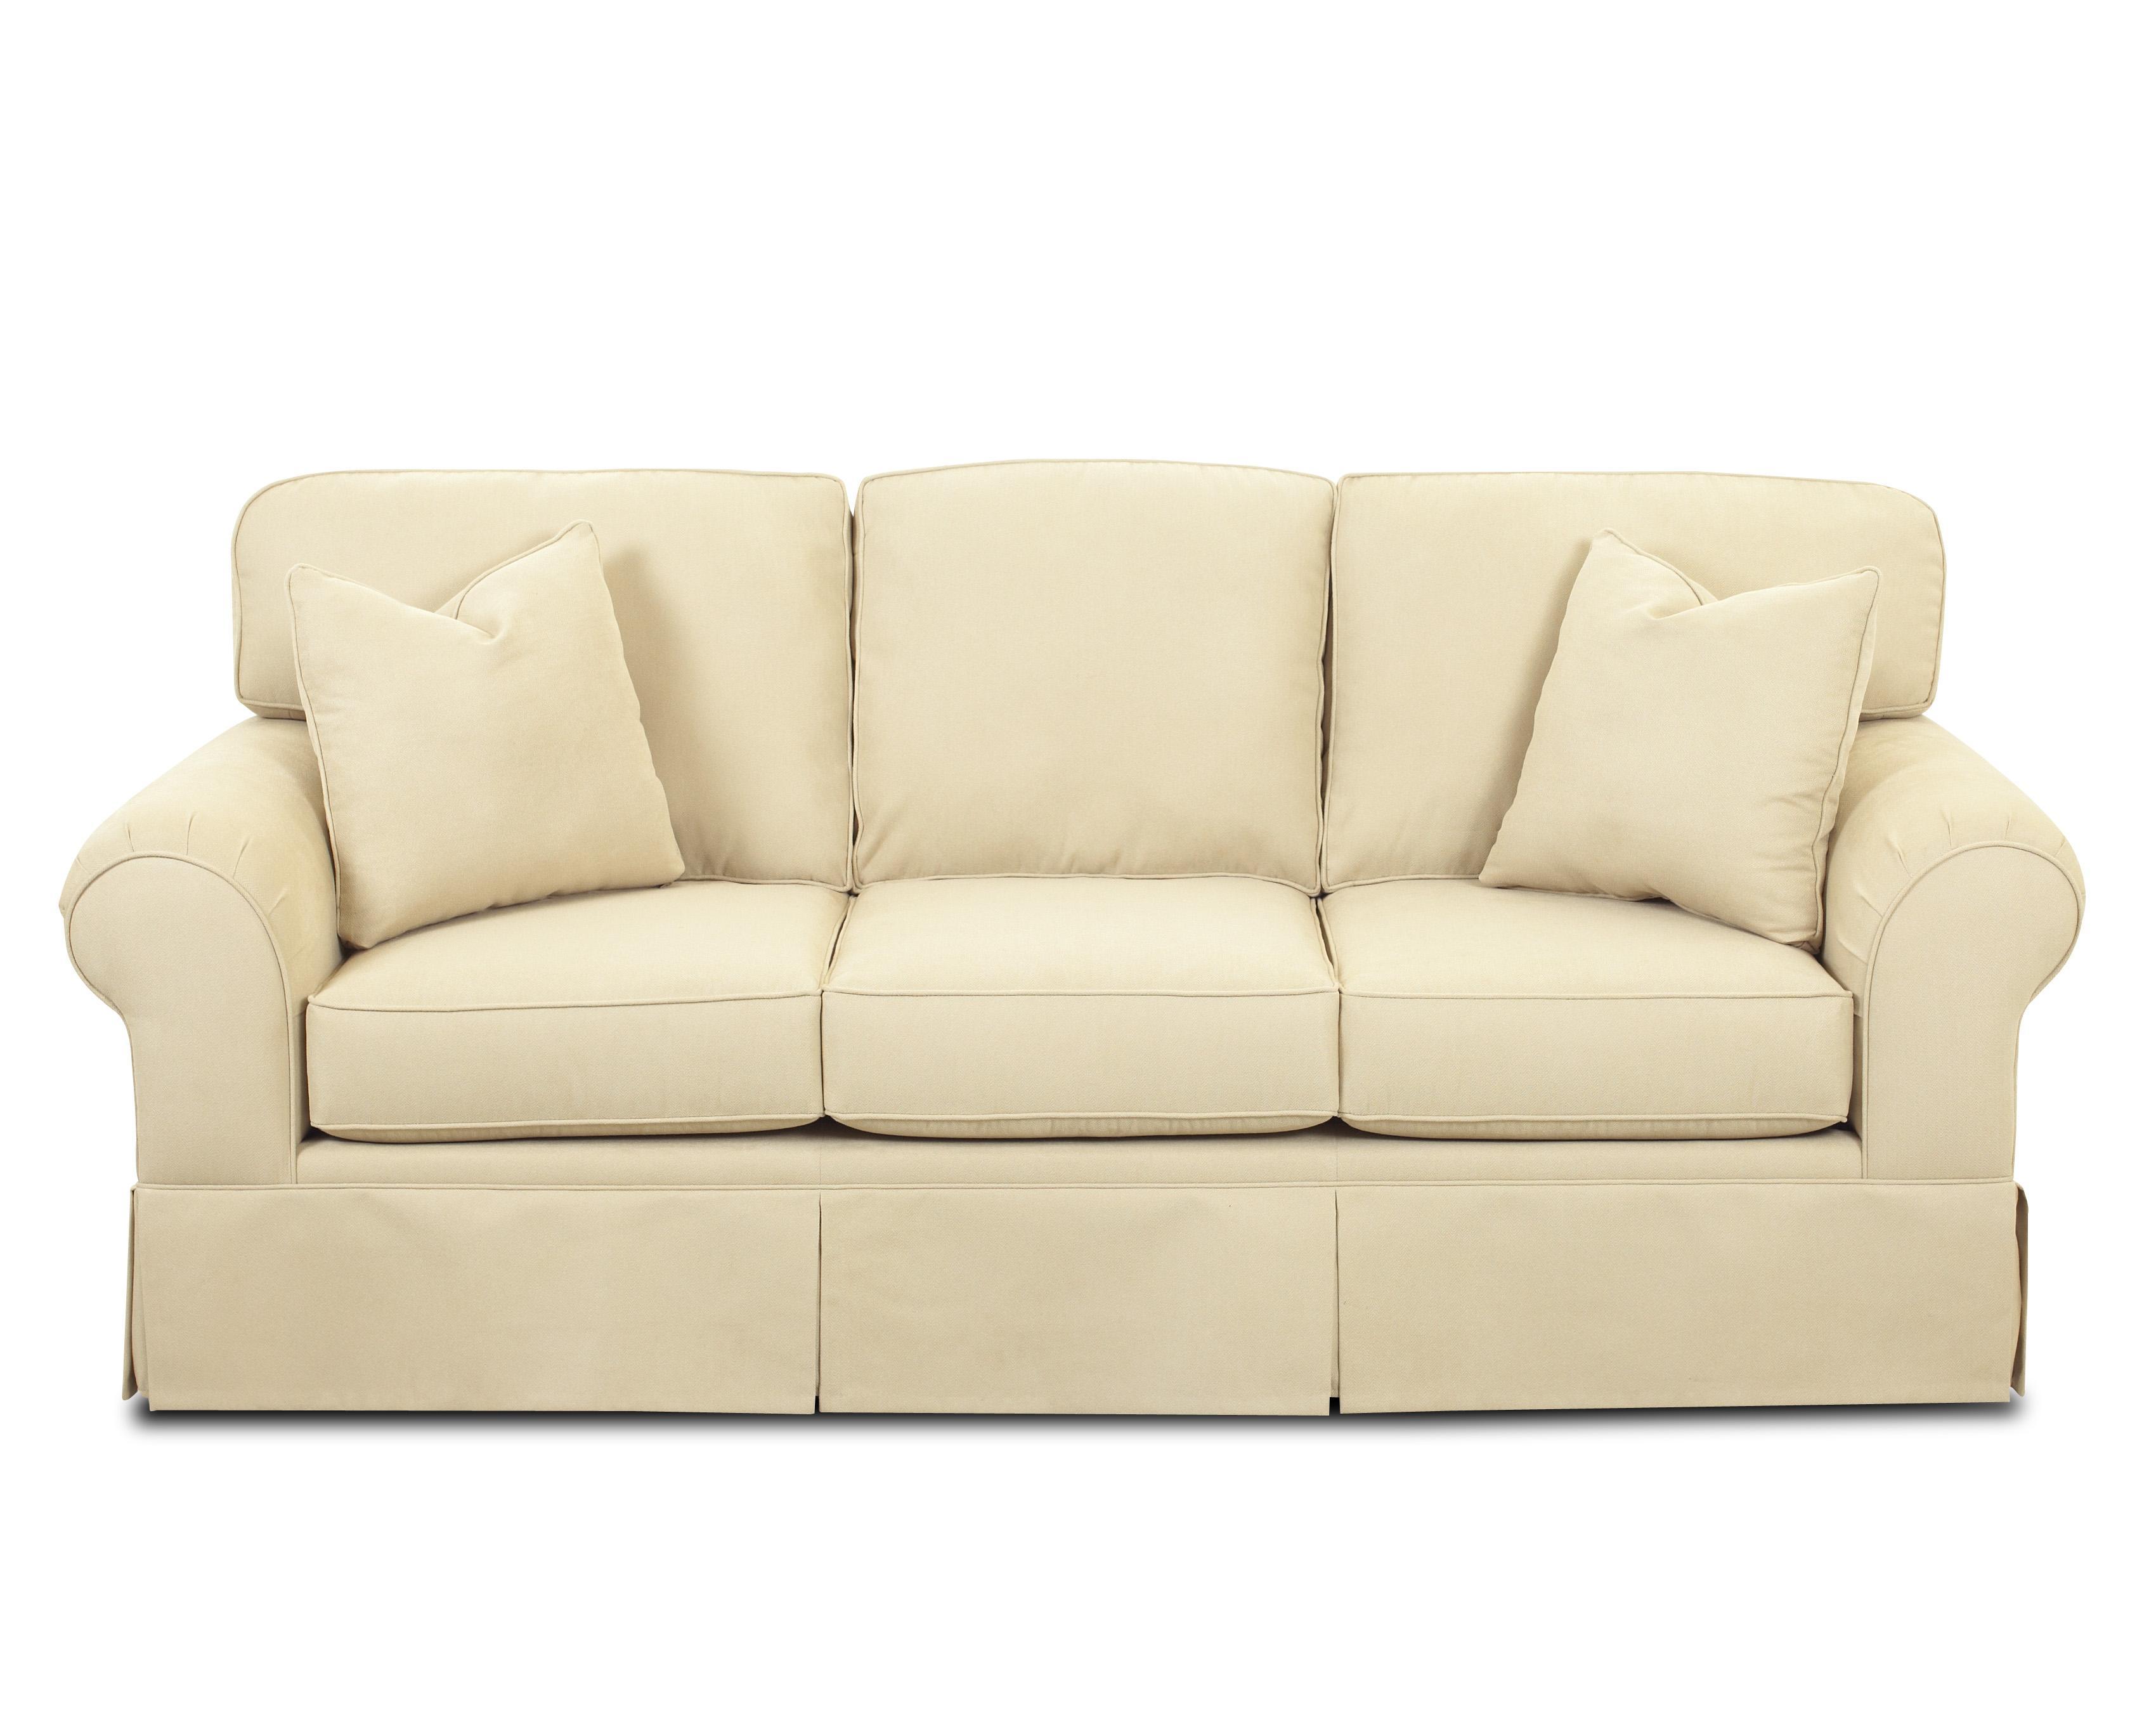 Klaussner Woodwin Dreamquest Queen Sleeper Sofa Value